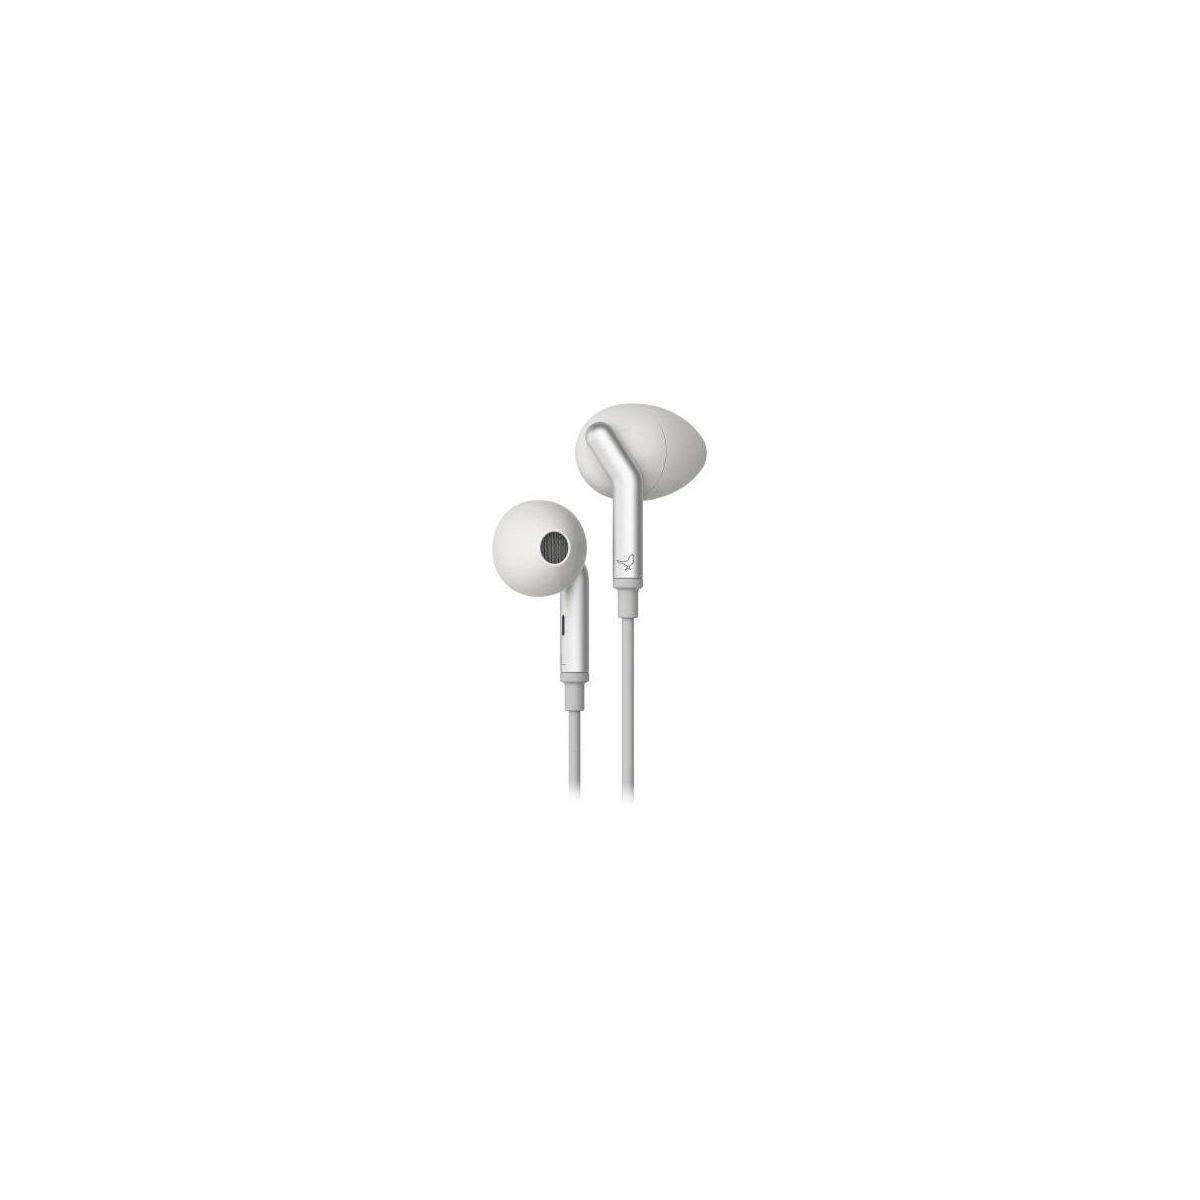 Ecouteurs libratone q adapt in-ear blanc - livraison offerte : code livrelais